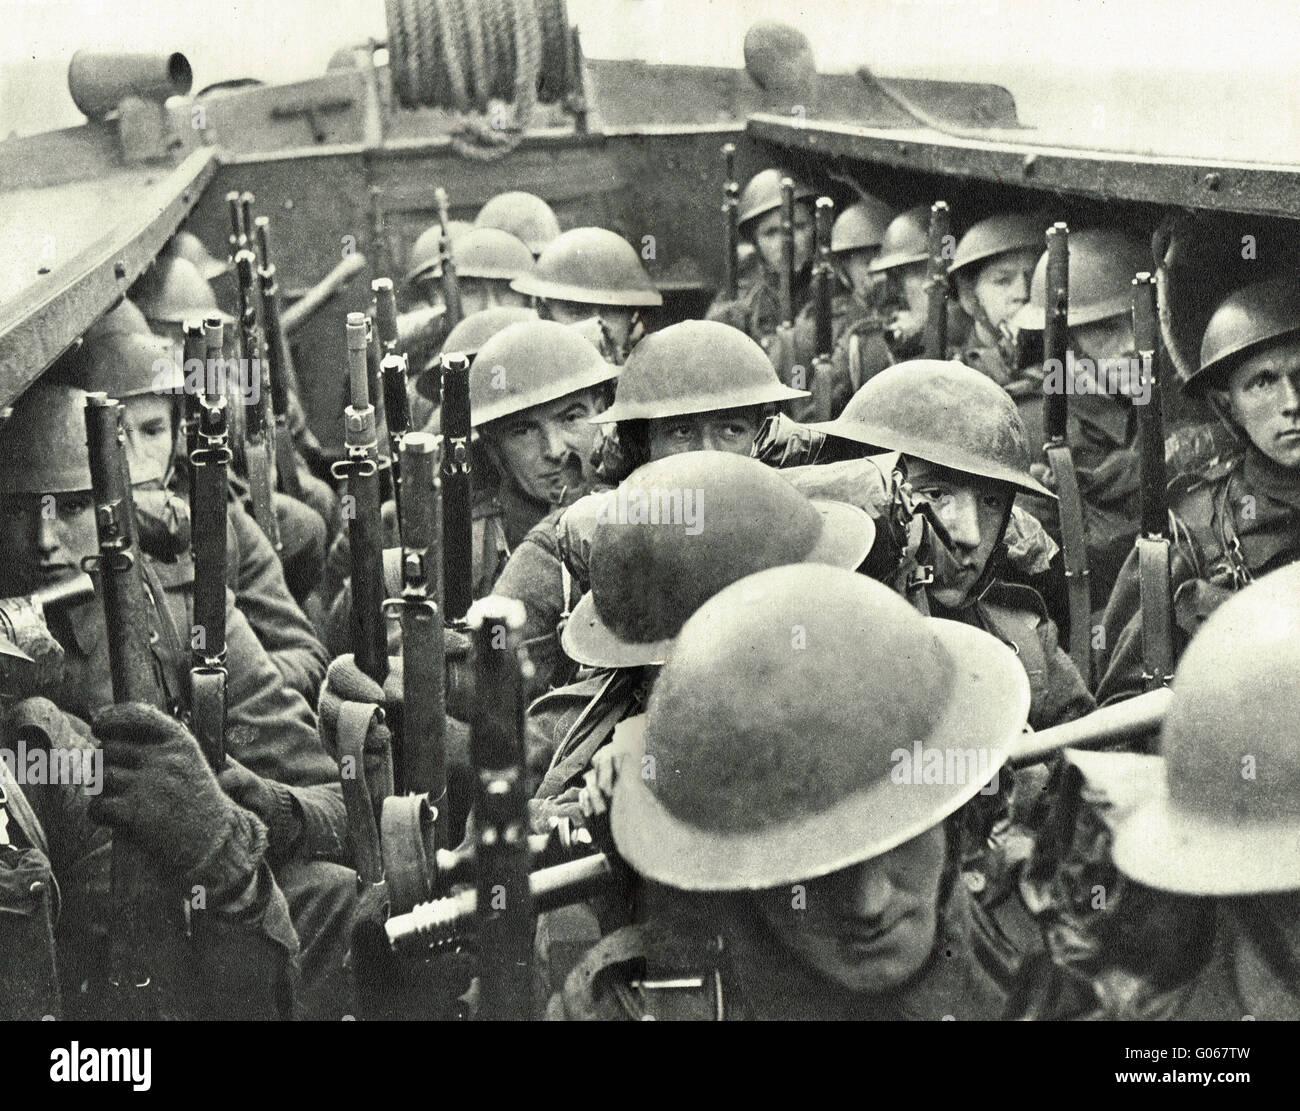 WW2 Royal Marines Landing party at sea - Stock Image